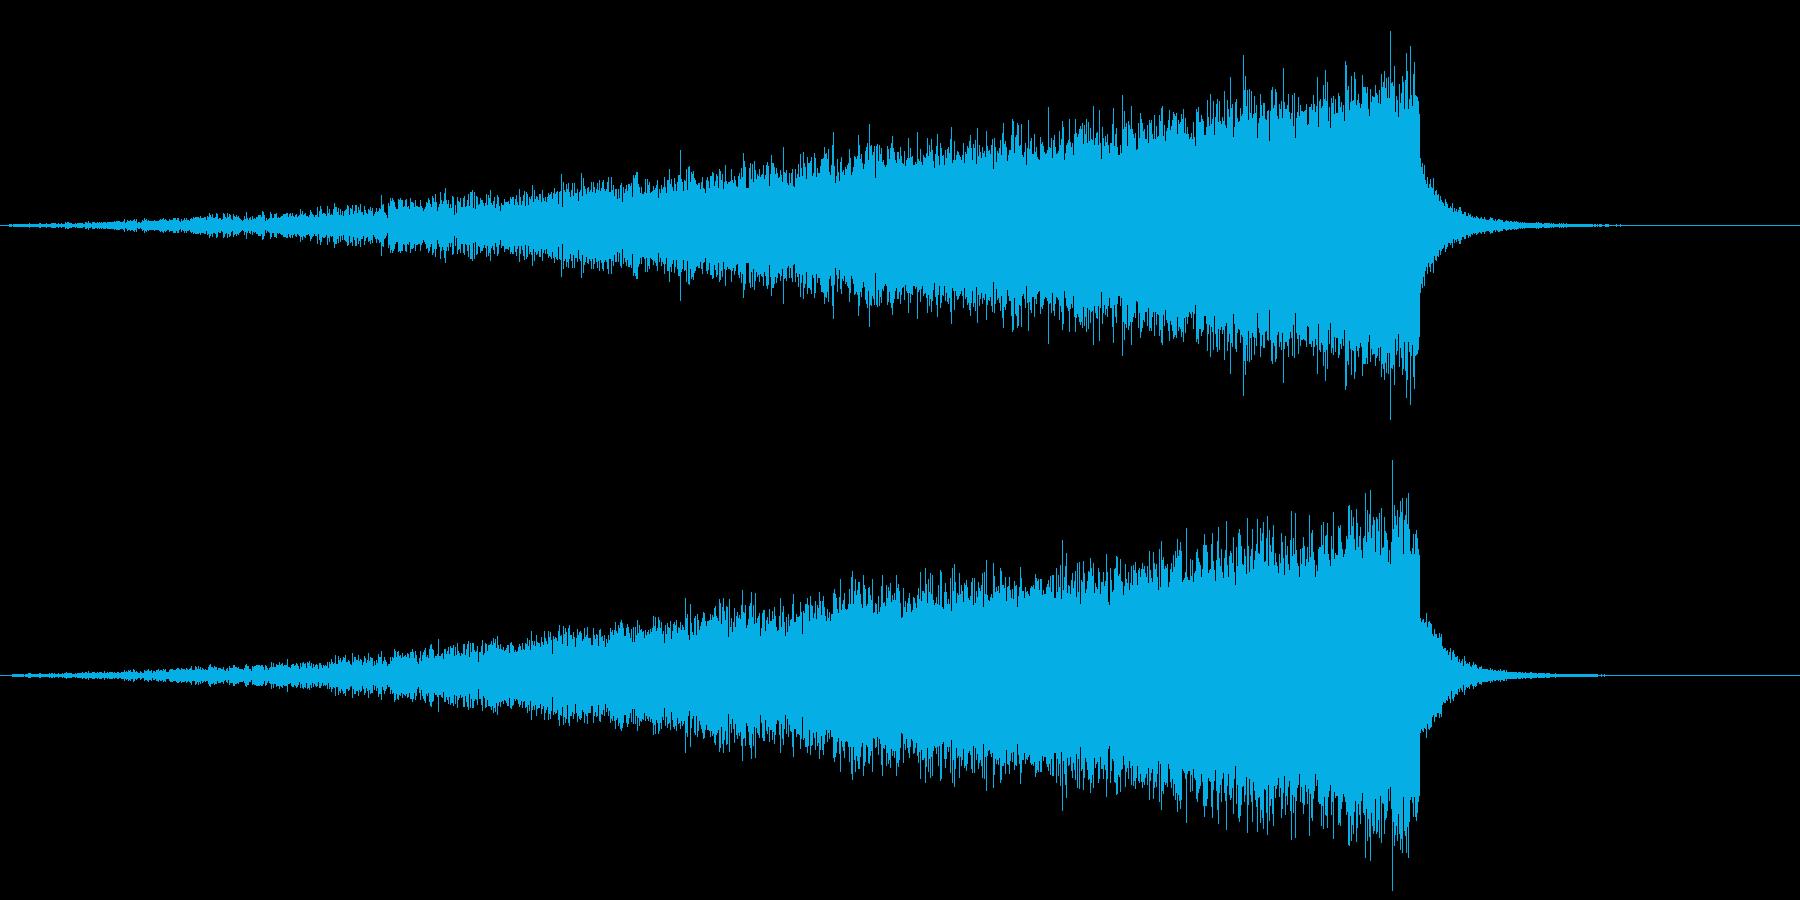 【ライザー】22 SFサウンドの再生済みの波形